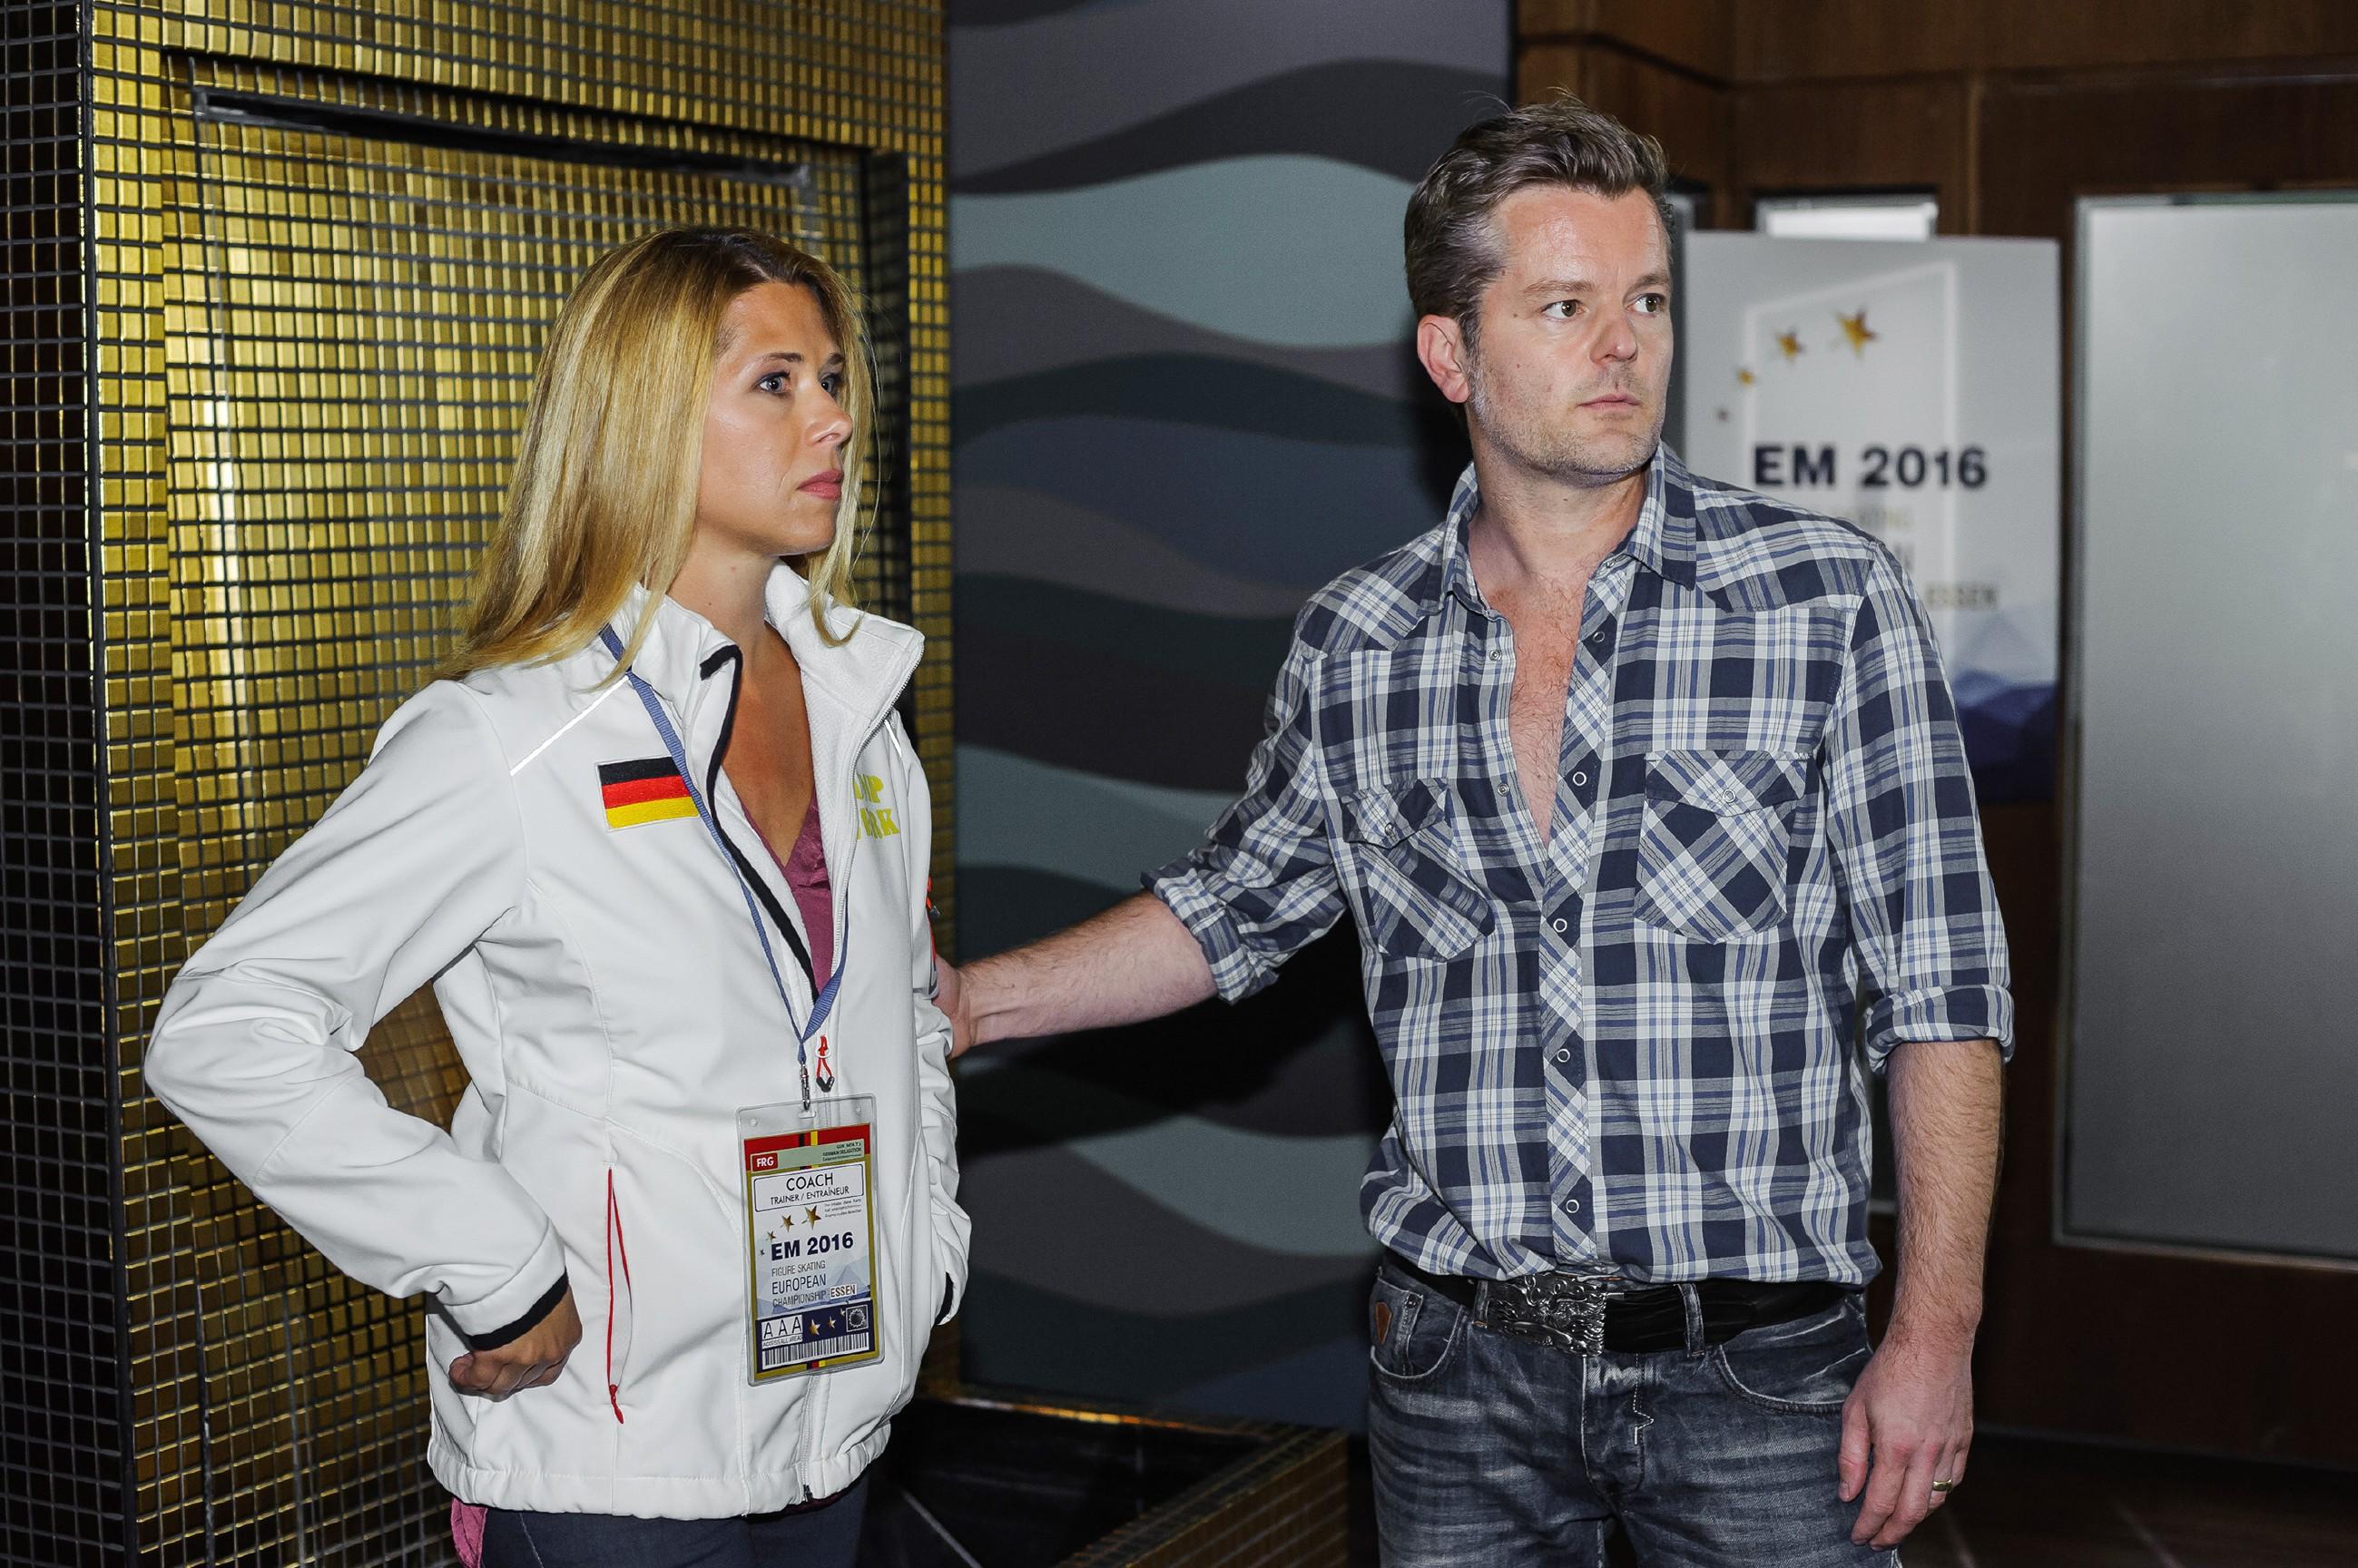 Ingo (André Dietz) ist sich bewusst, dass Diana (Tanja Szewczenko) von seiner öffentlichen Liebeserklärung alles andere als begeistert ist. (Quelle: RTL / Julia Feldhagen)